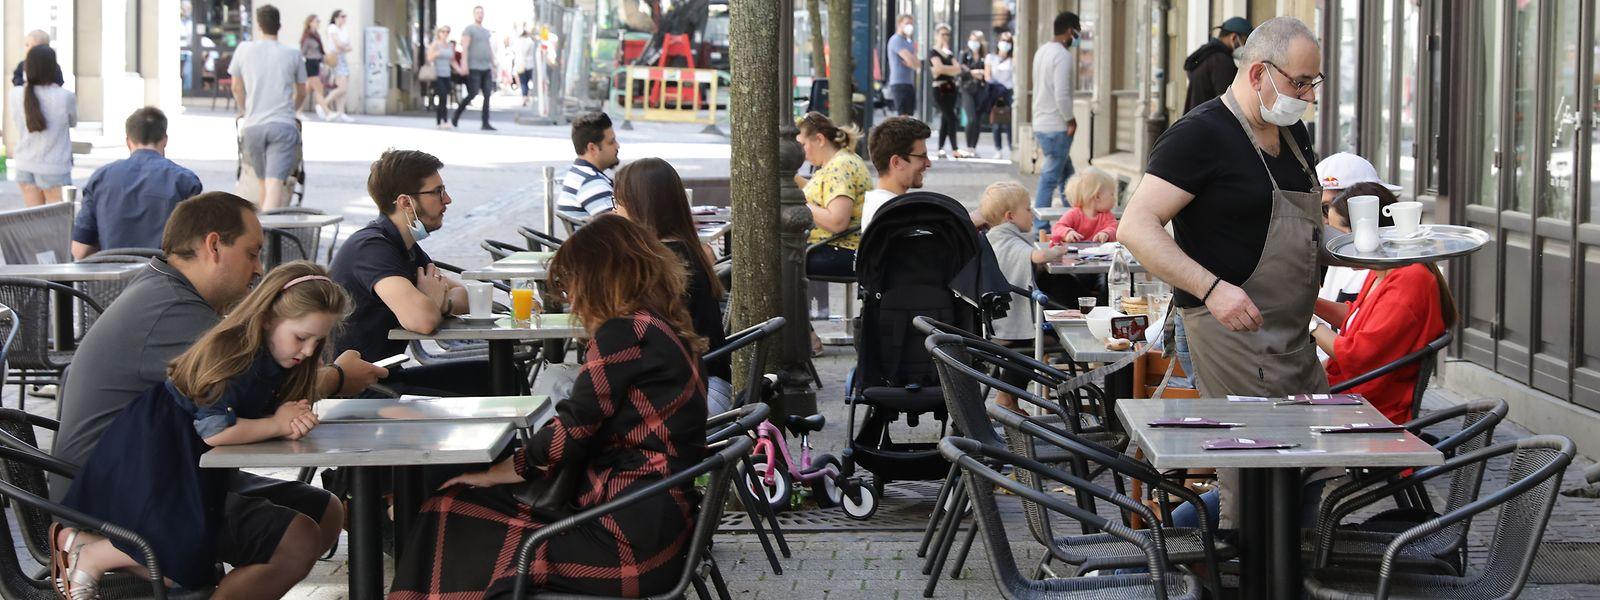 Ab Mittwoch können Bars und Restaurants ihre Terrassen von 6 bis 18 Uhr öffnen.